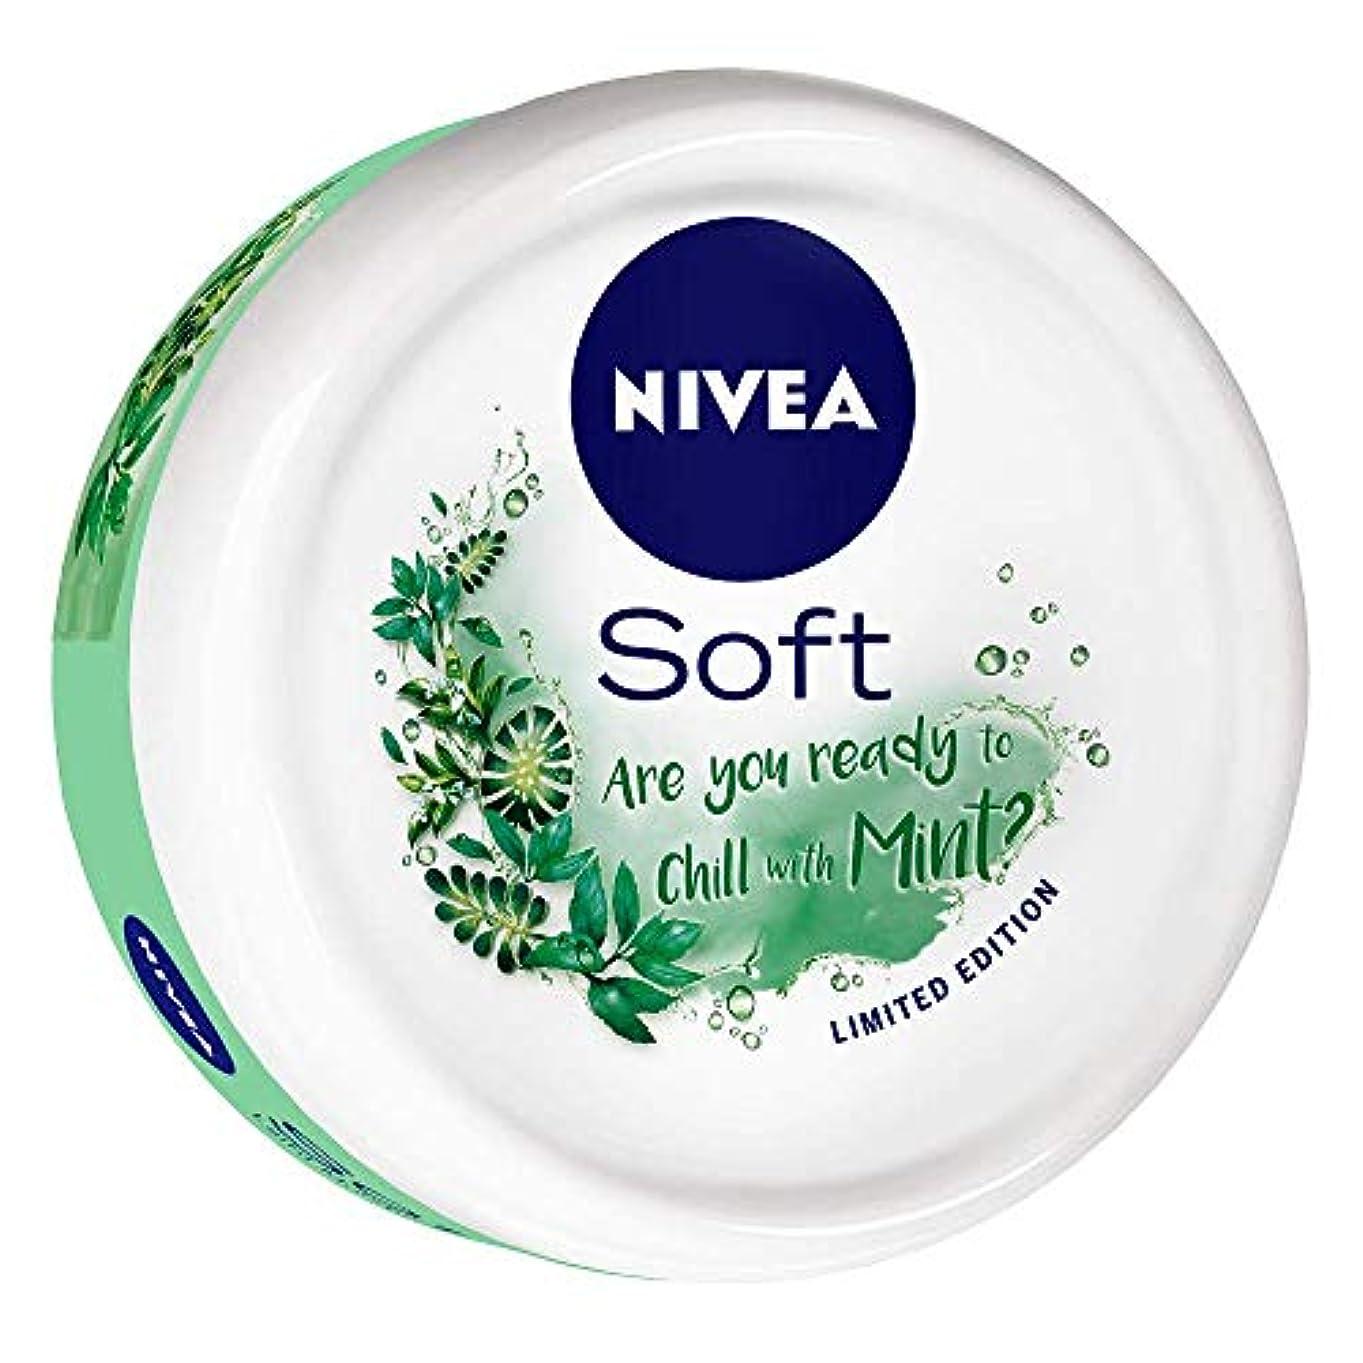 魅惑的なヘロイン飼いならすNIVEA Soft Light Moisturizer Chilled Mint With Vitamin E & Jojoba Oil, 200 ml